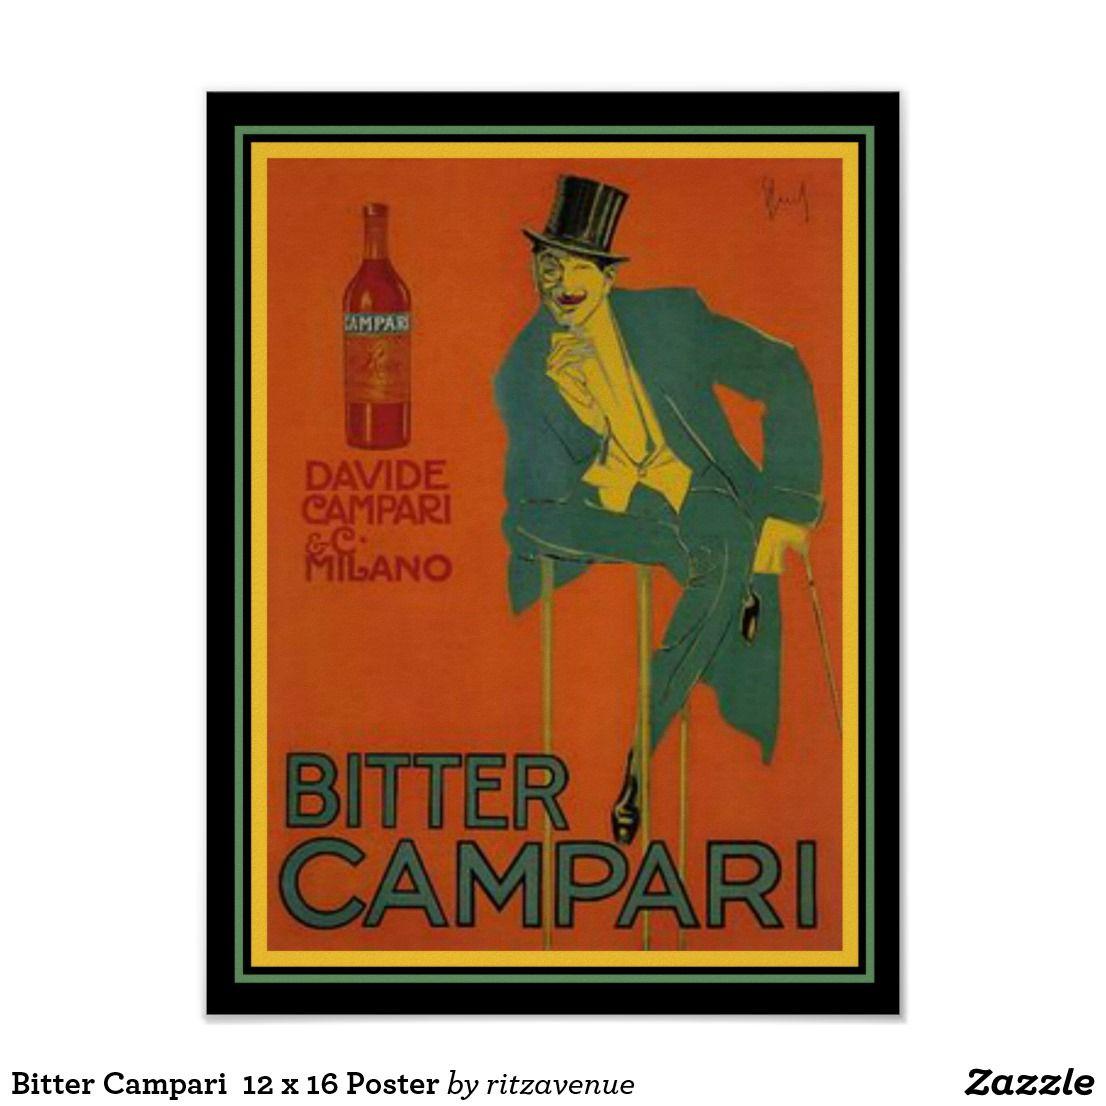 BITTER CAMPARI Bitter Campari Milano a poster internal house design